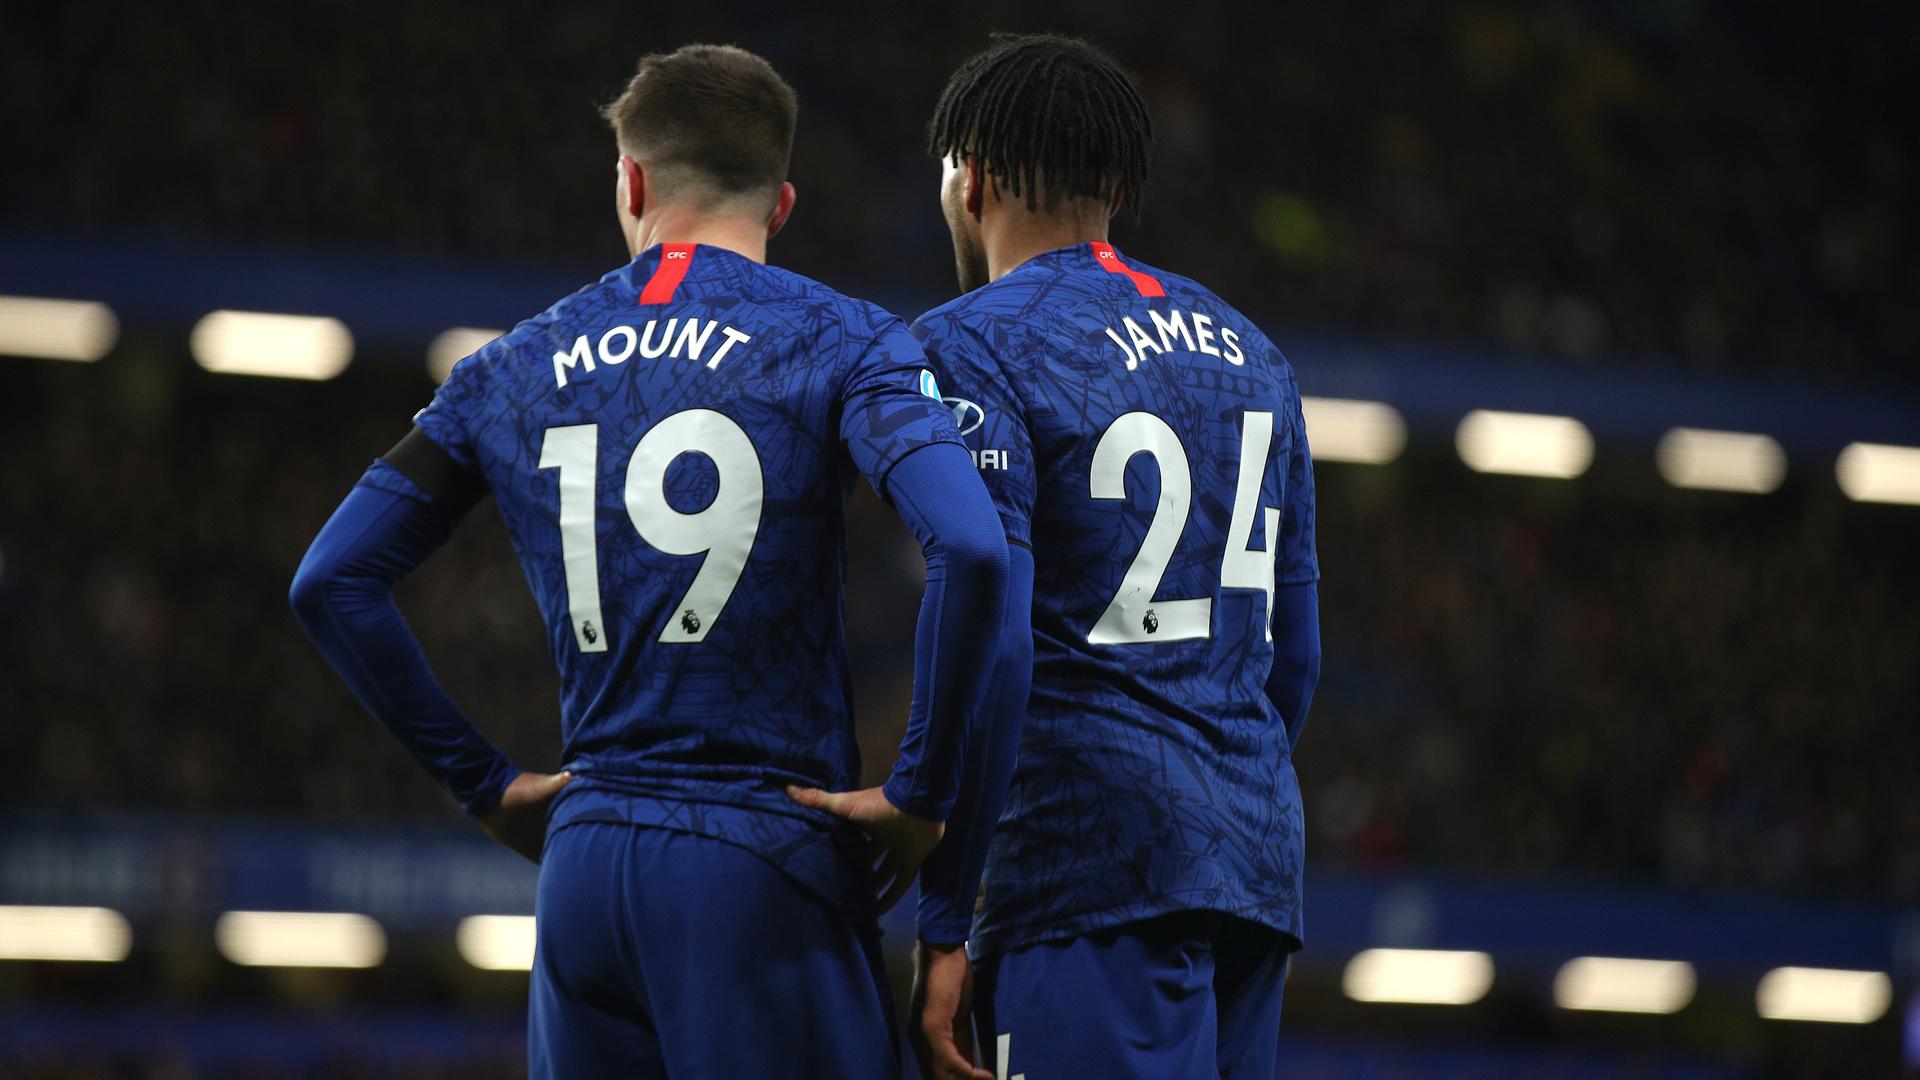 """VIDEO/ Lojtarit të Chelsea i vjedhin medaljet e Champions, Superkupës dhe """"Euro 2020"""" gjatë ndeshjes"""